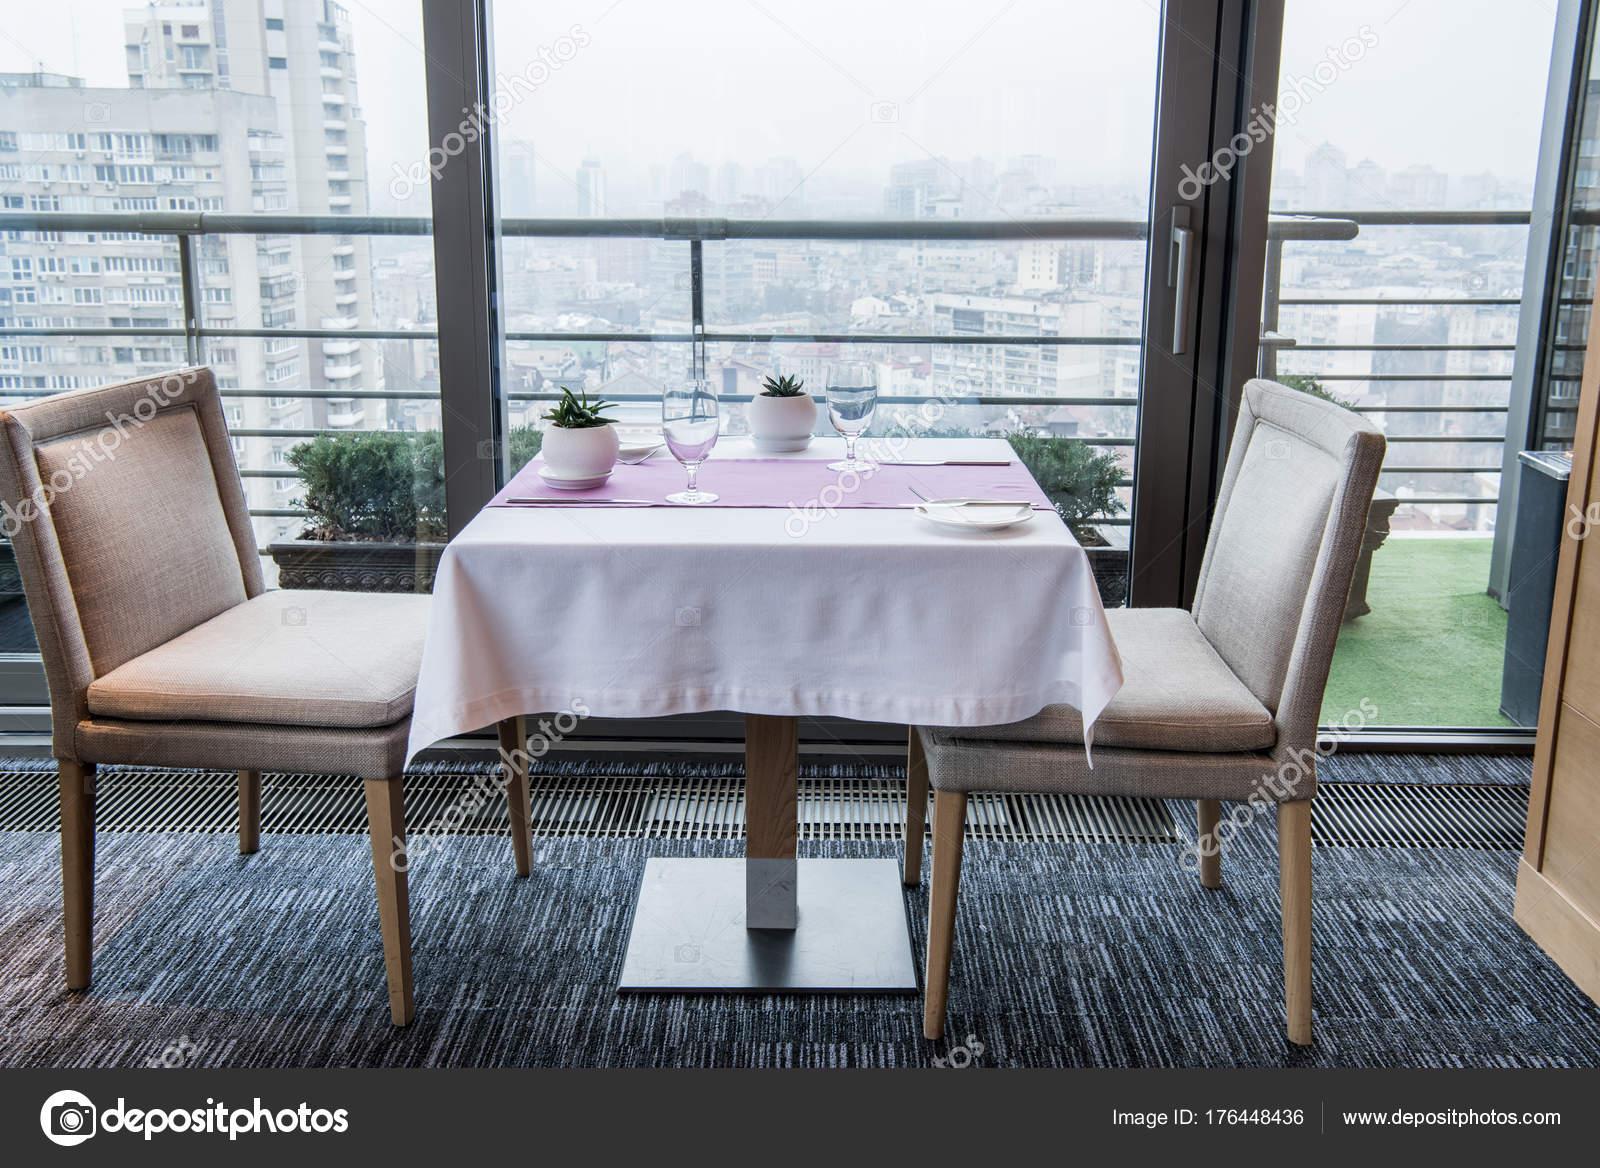 Bouchent La Vue Servi Table Et Chaises De Restaurant Images Stock Libres Droits